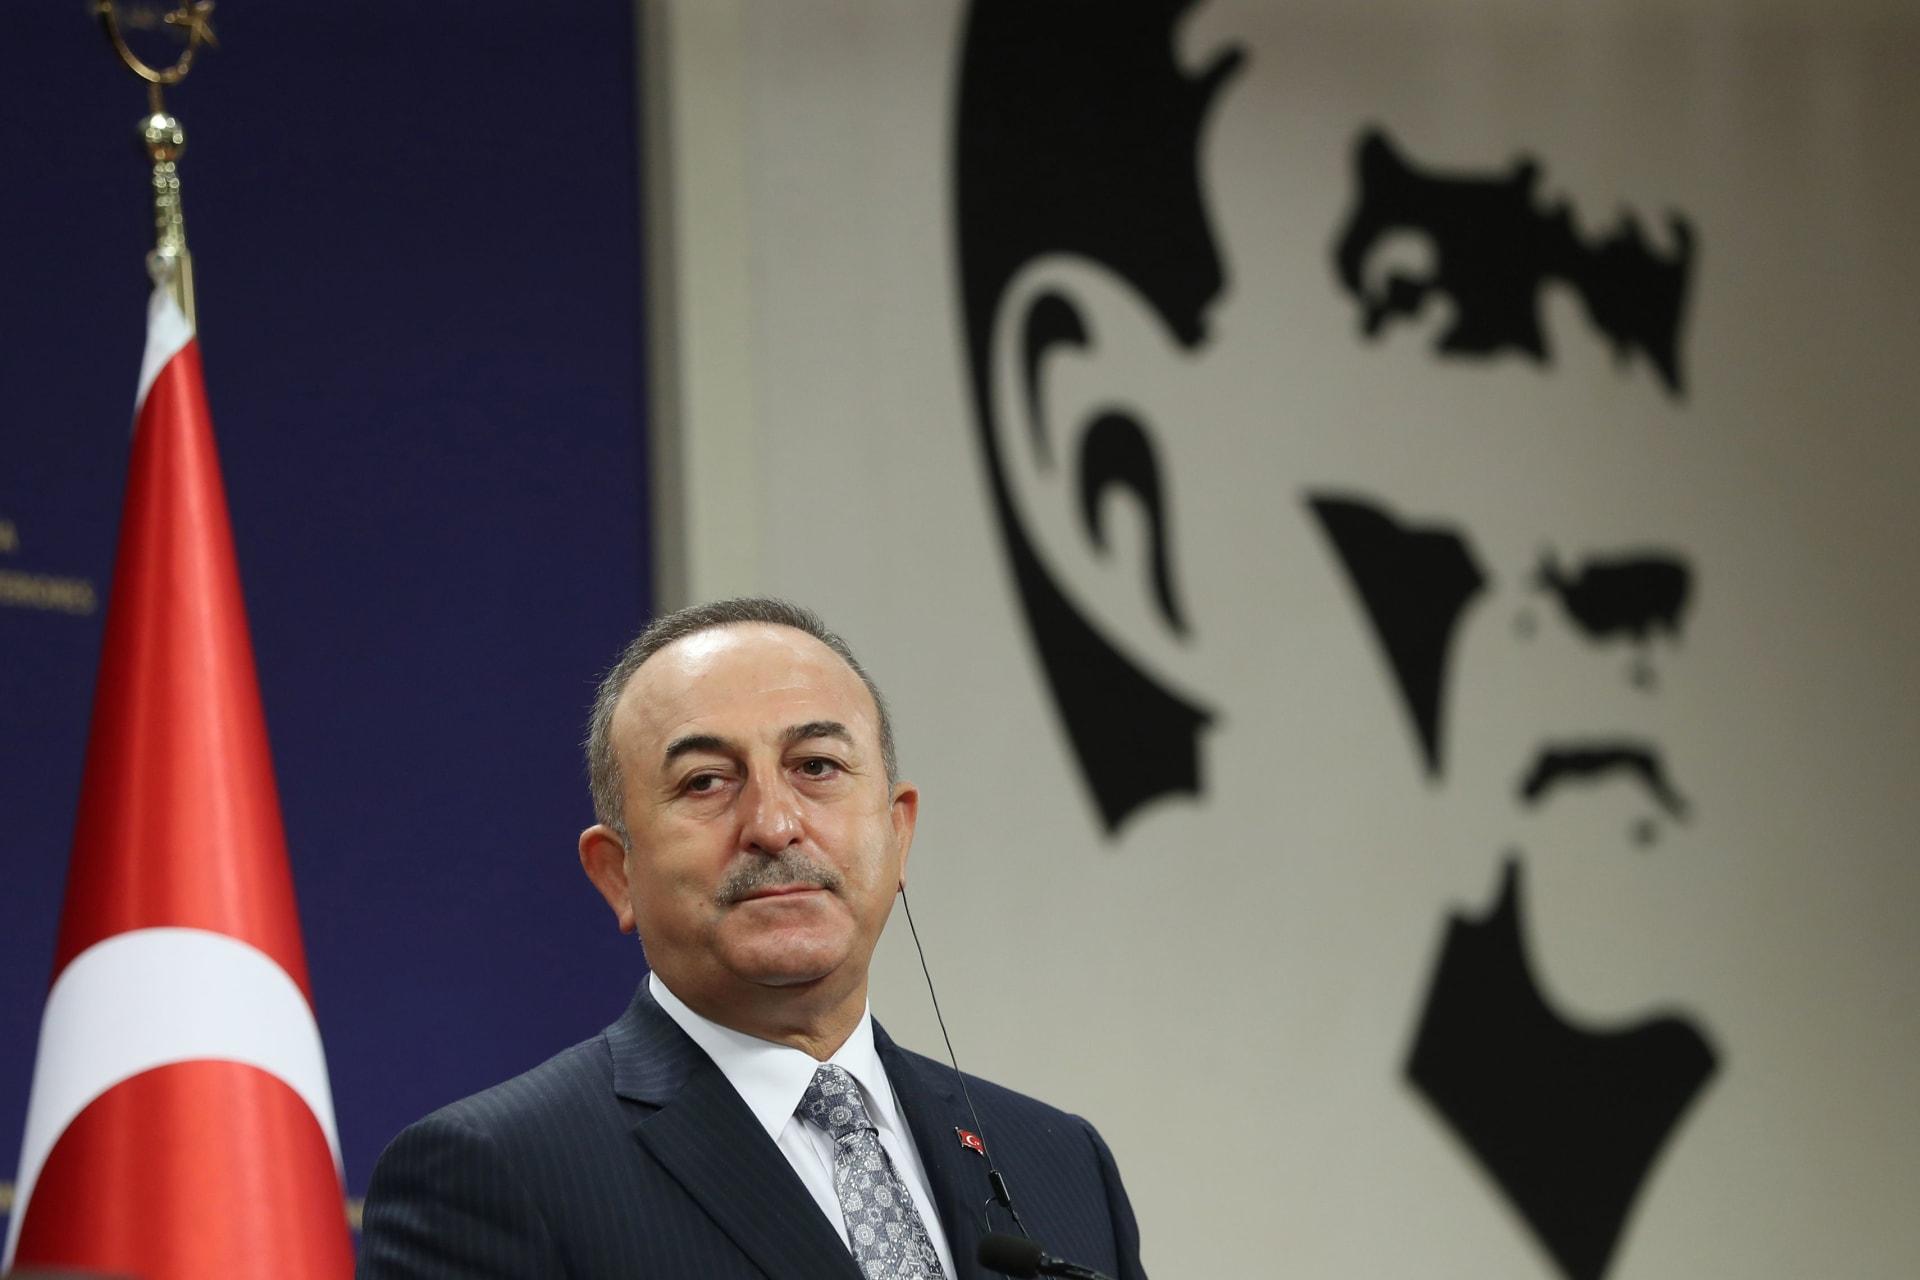 مسؤول مصري يرد على تصريحات تركية عن عودة الاتصالات: نتوقع وقف التدخلات بالمنطقة